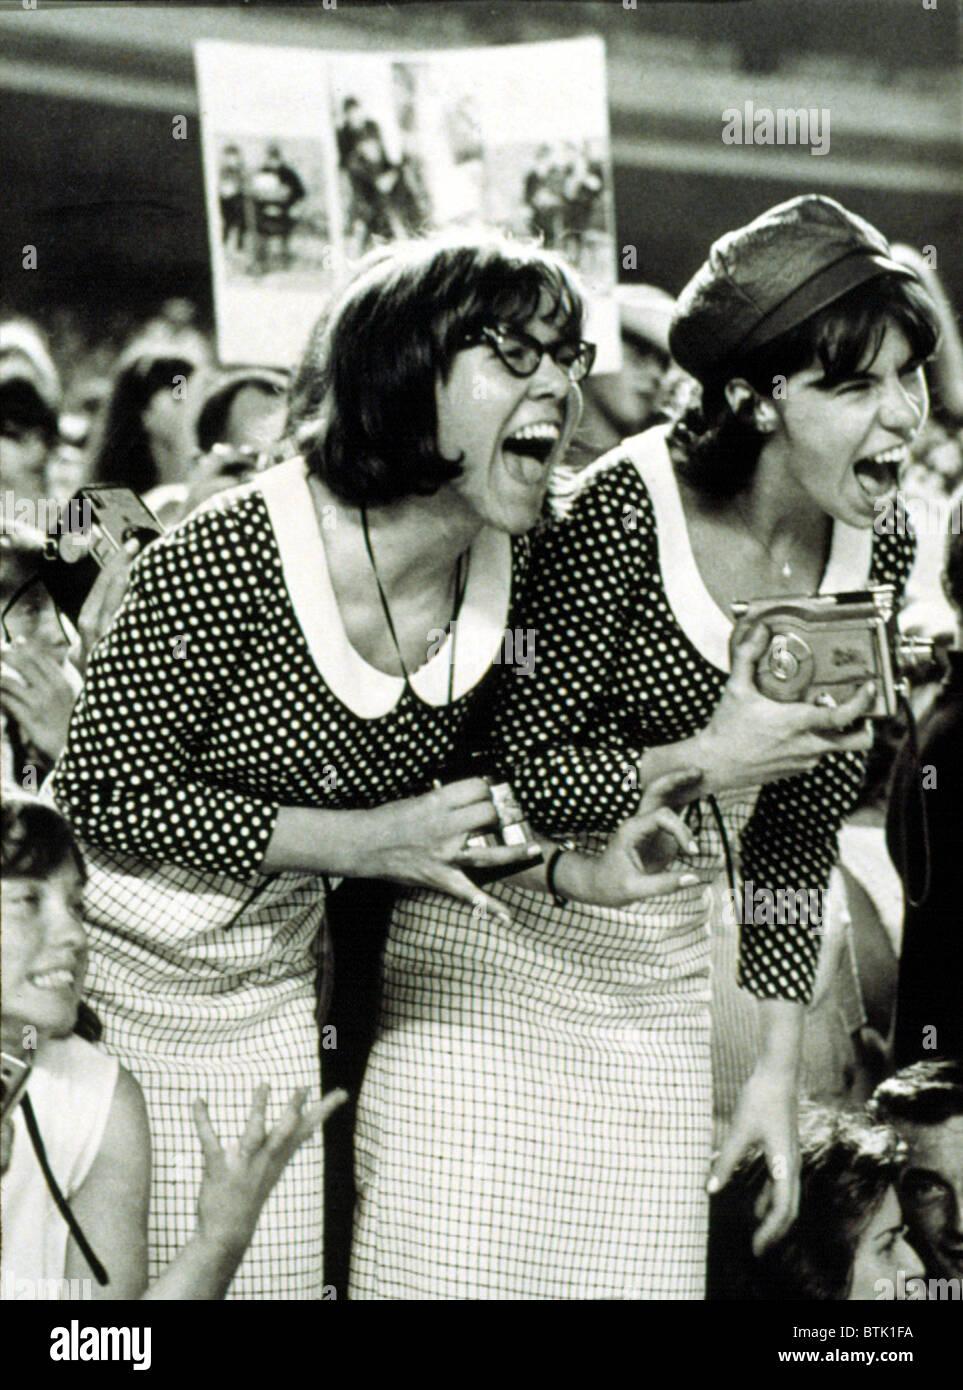 """BEATLES FANS schreien bei einem Konzert im Shea Stadium, NY, 15.08.65, anzeigen, was heißt, """"Beatlemania"""". Stockfoto"""